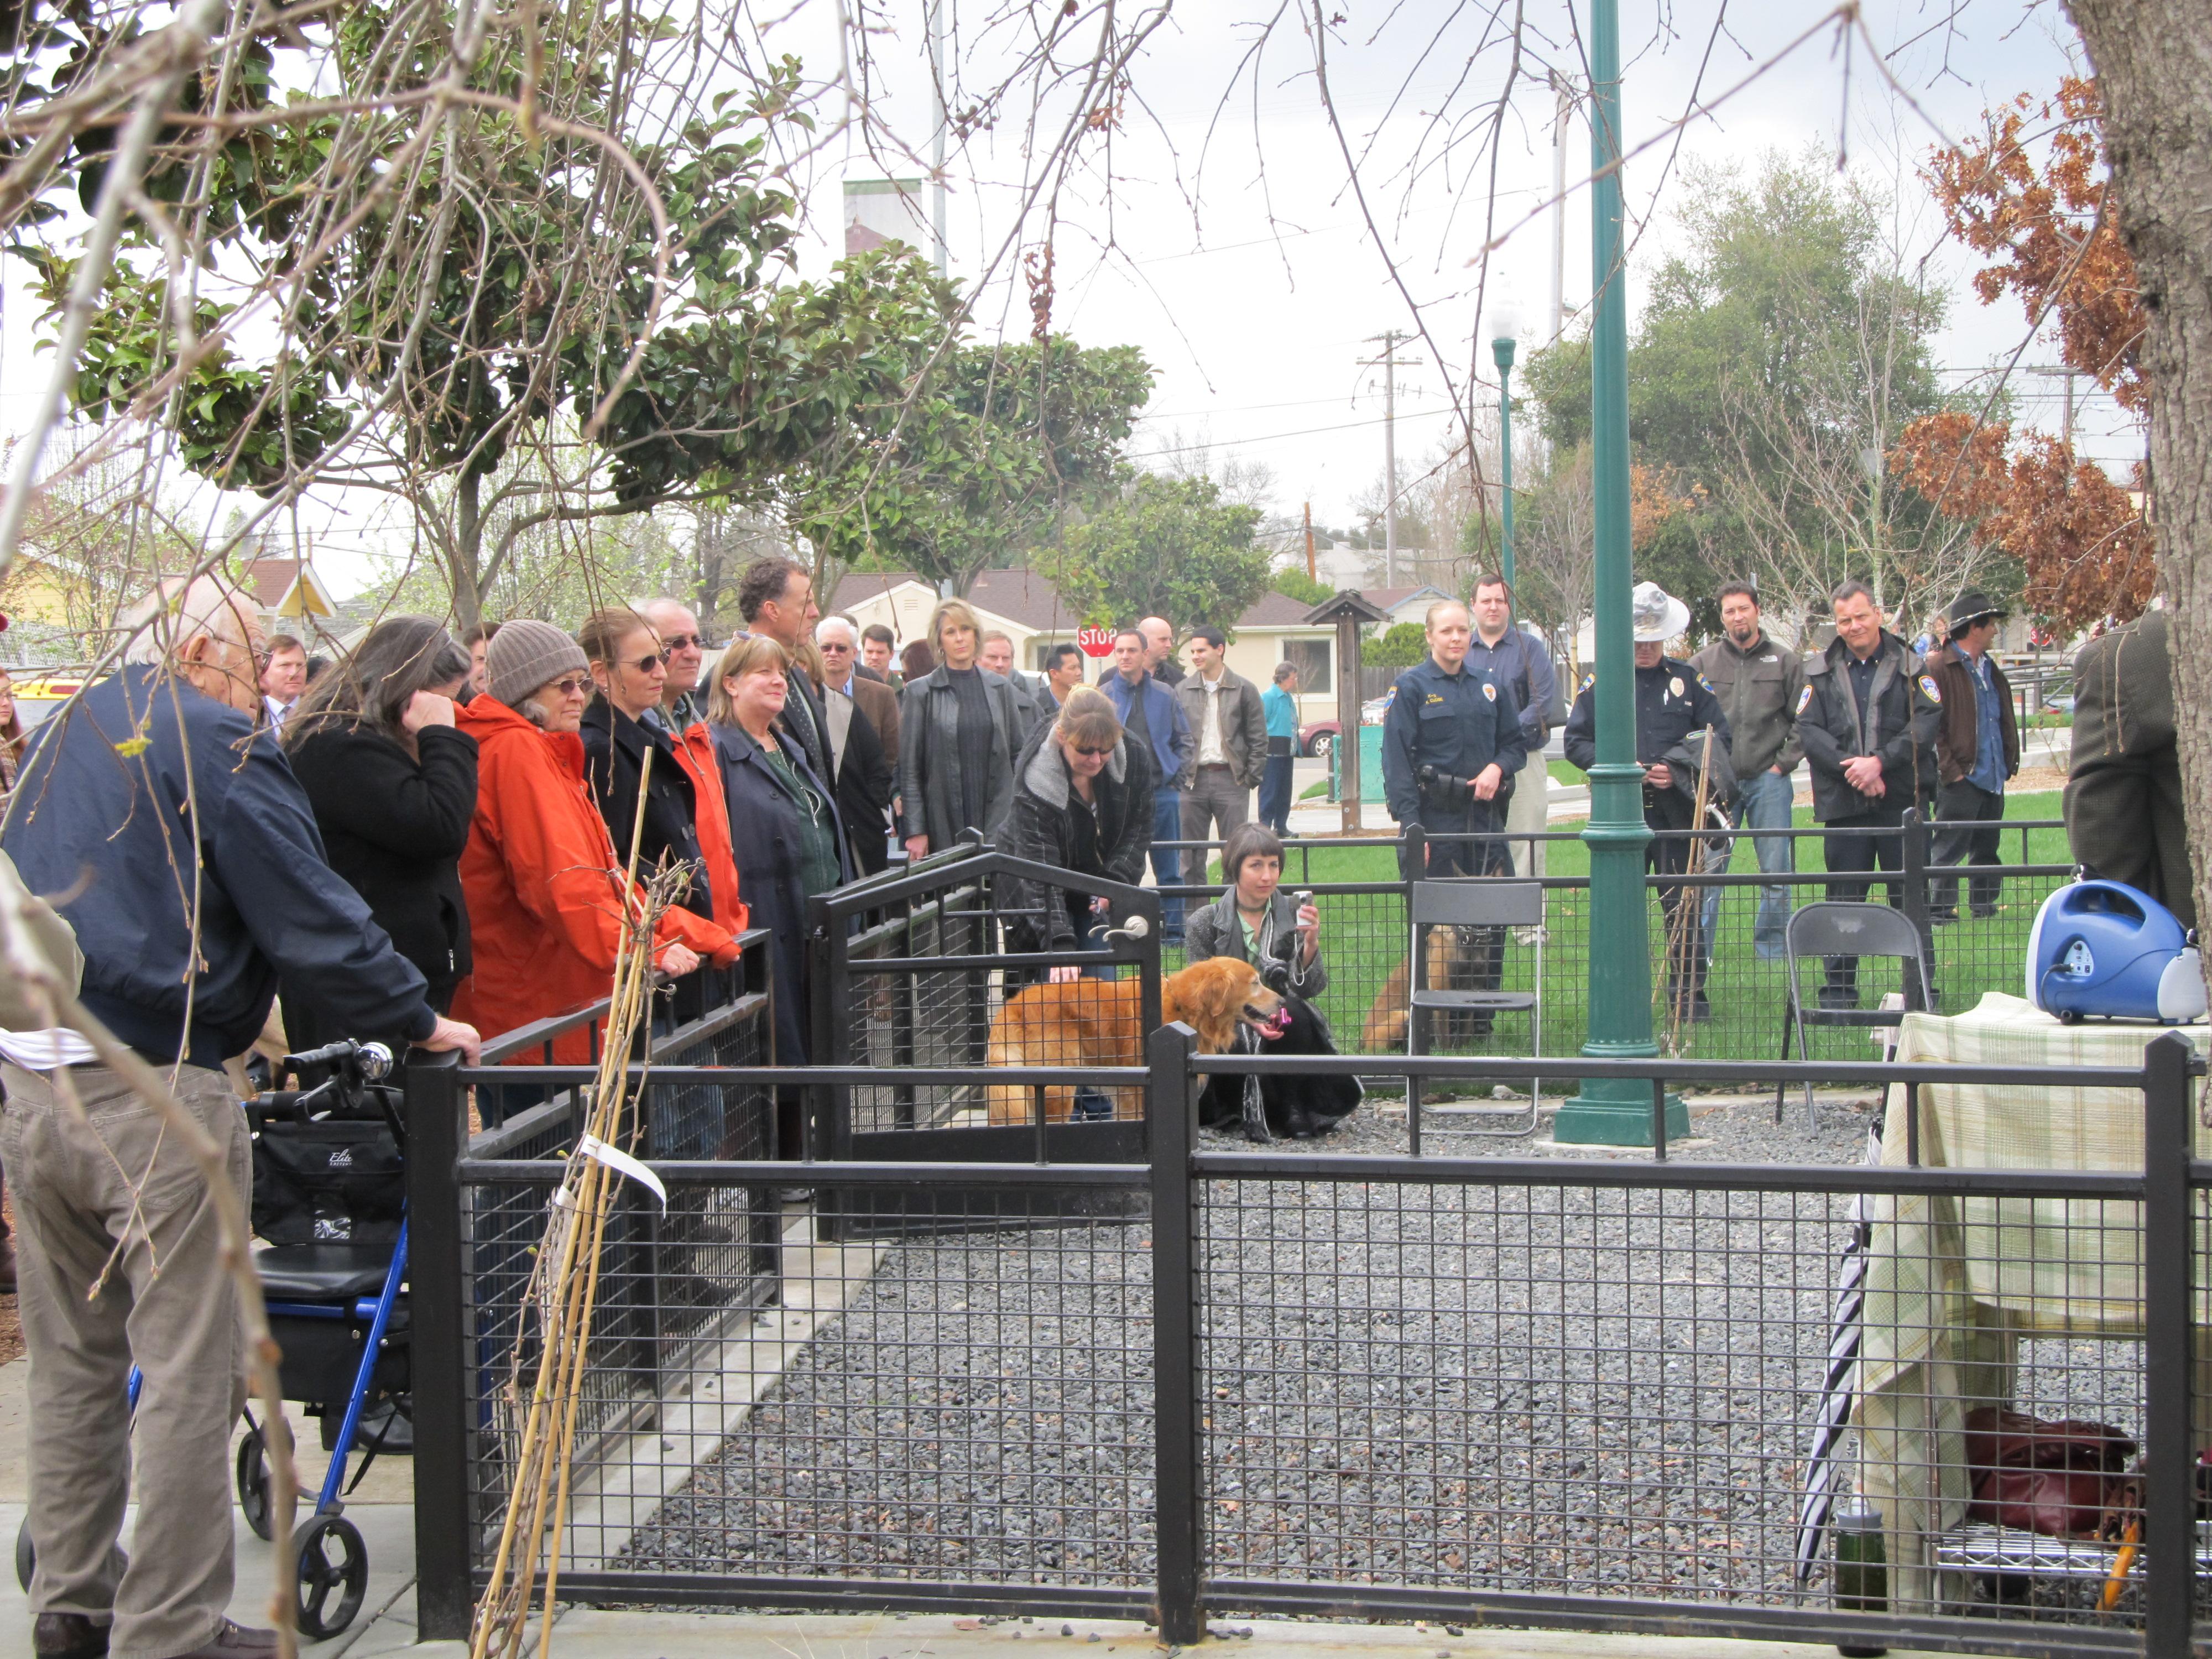 Deturk Round Barn Dog Park